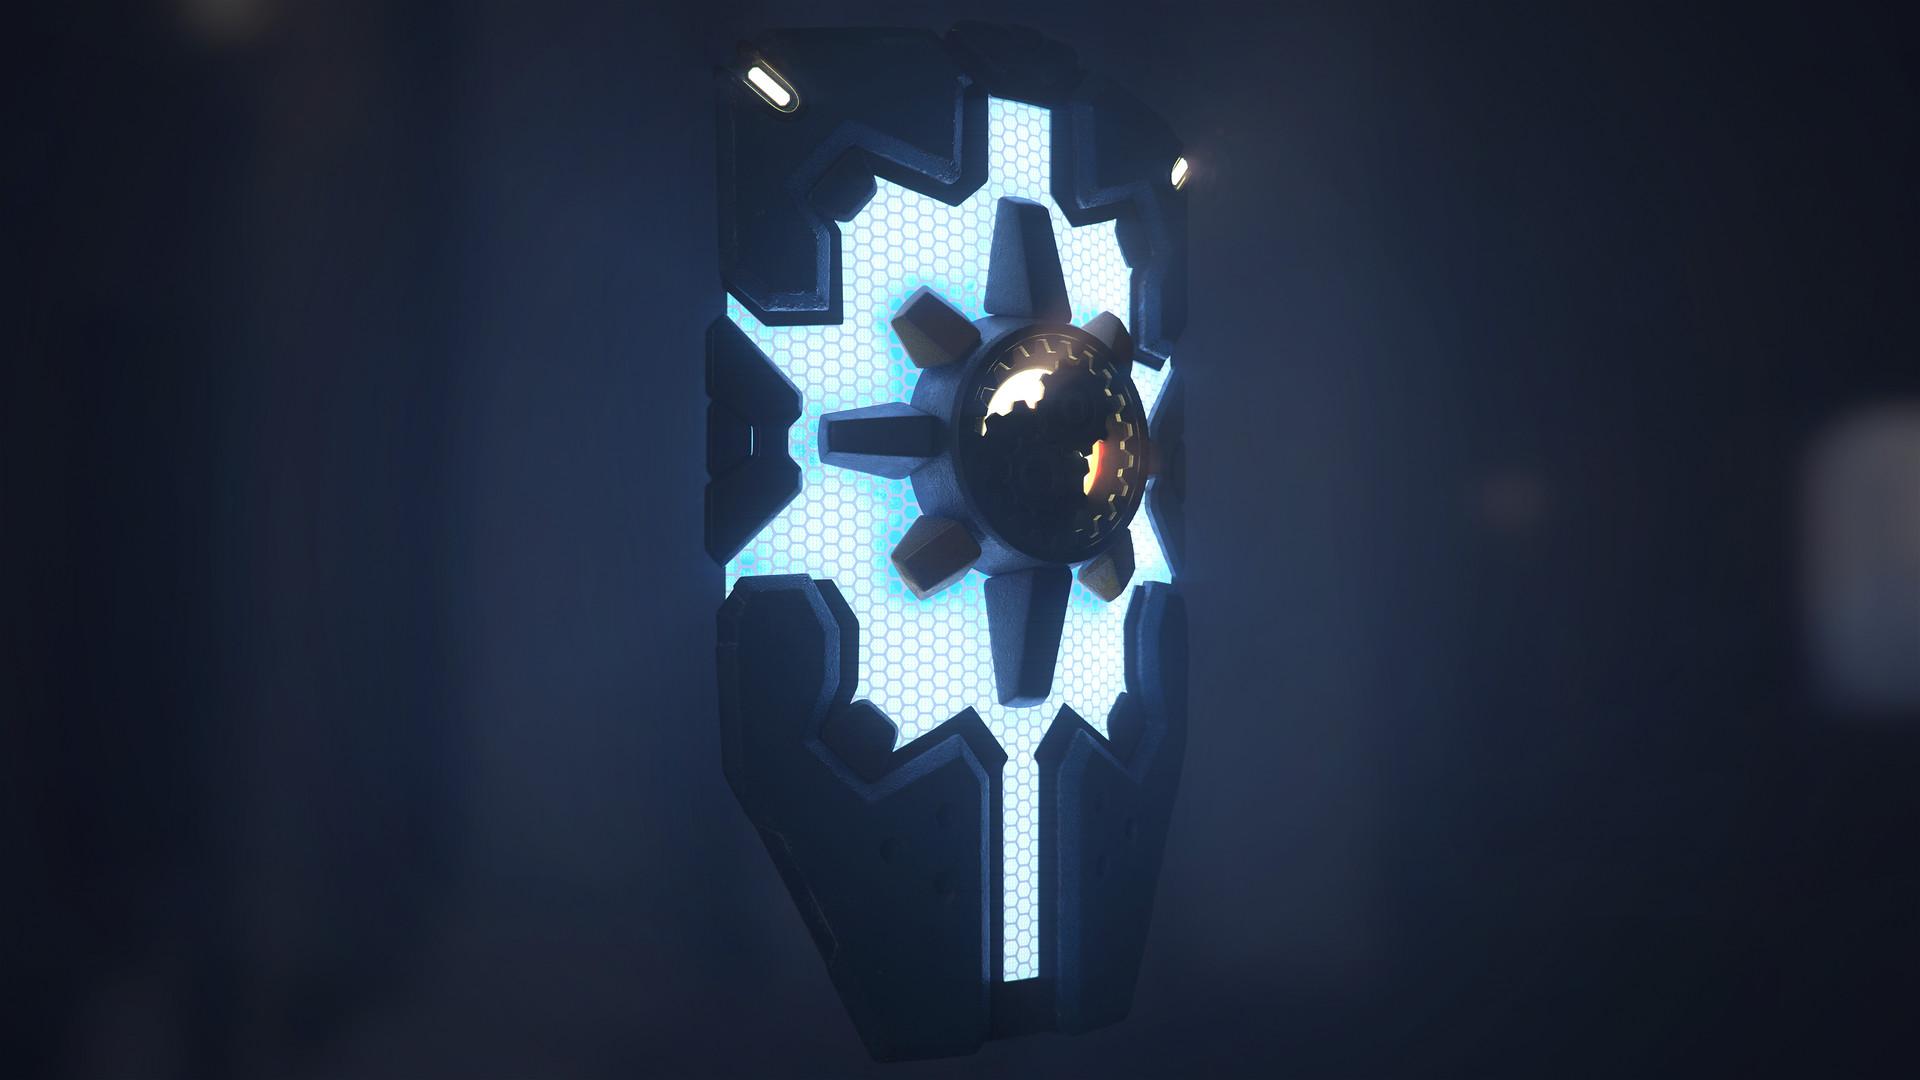 Adrian lan sun luk shield 000